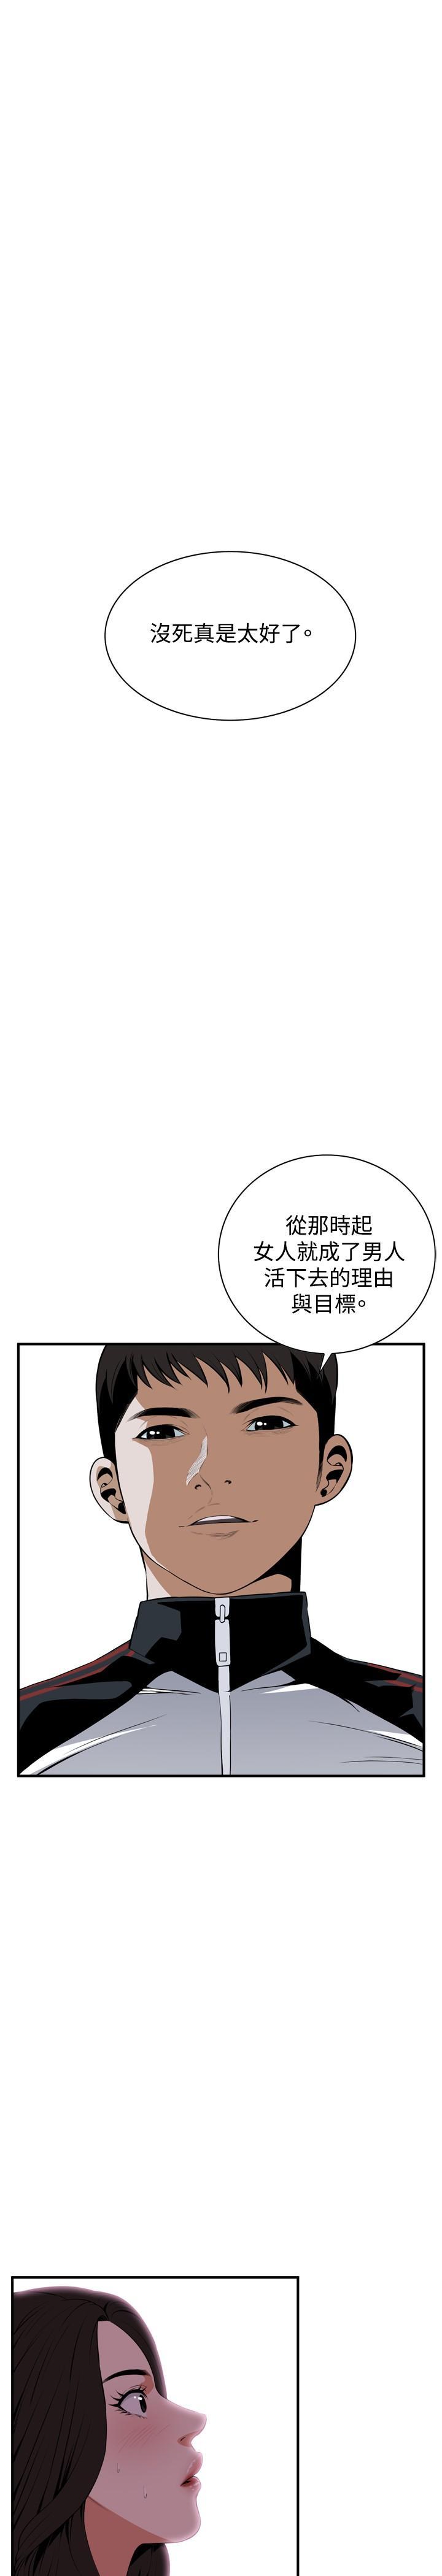 Take a Peek 偷窥 Ch.39-40 42